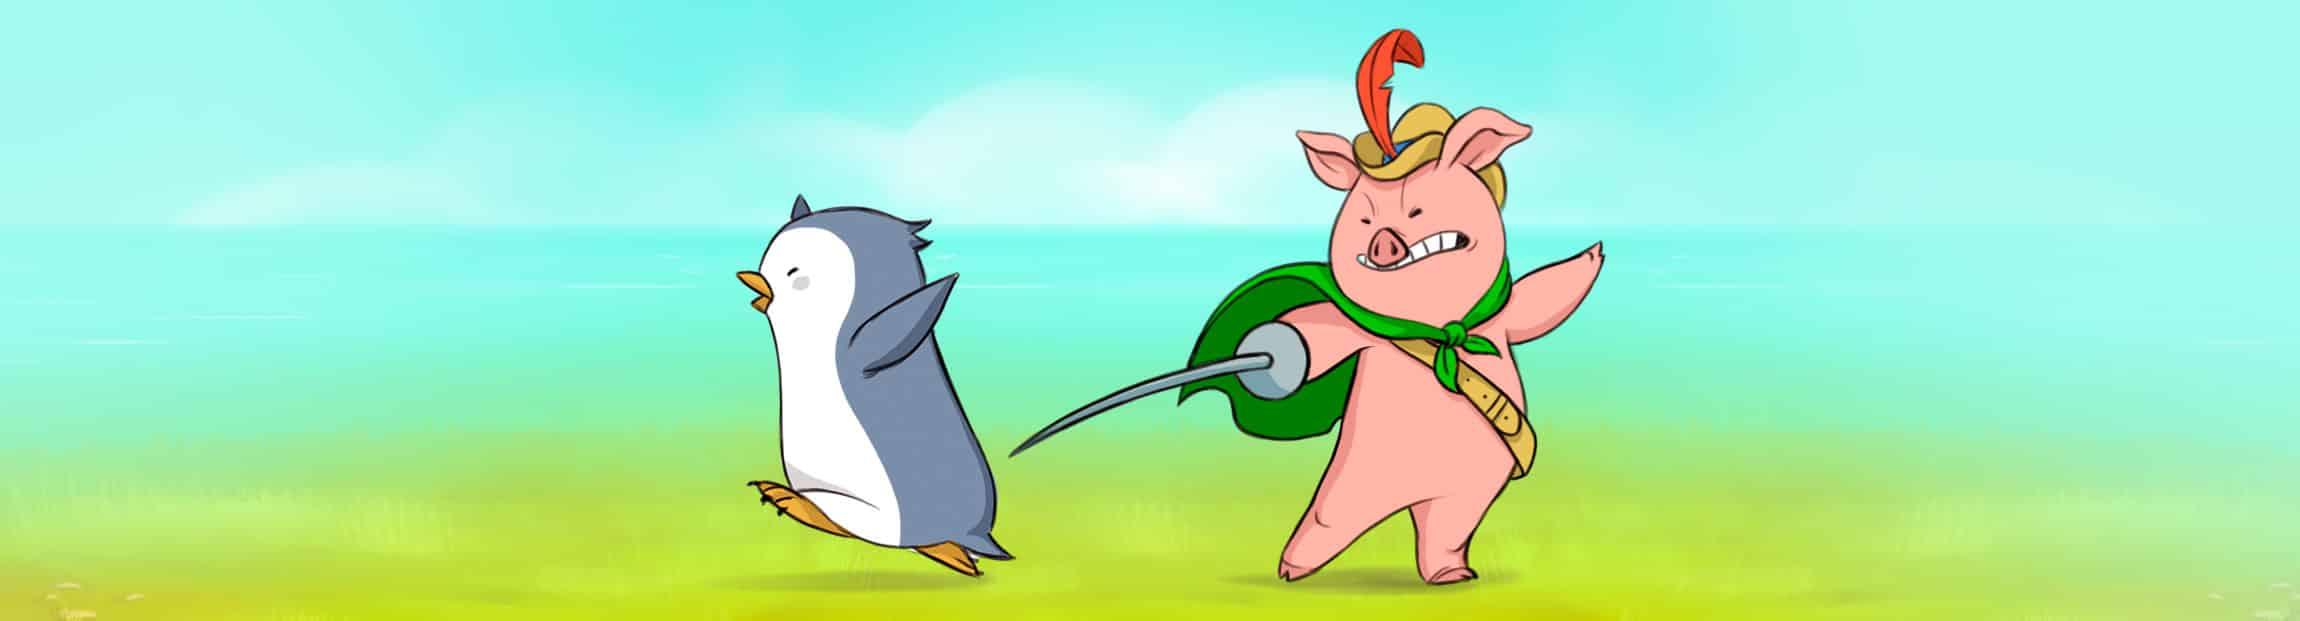 Personajes del cortometraje de animación 2D